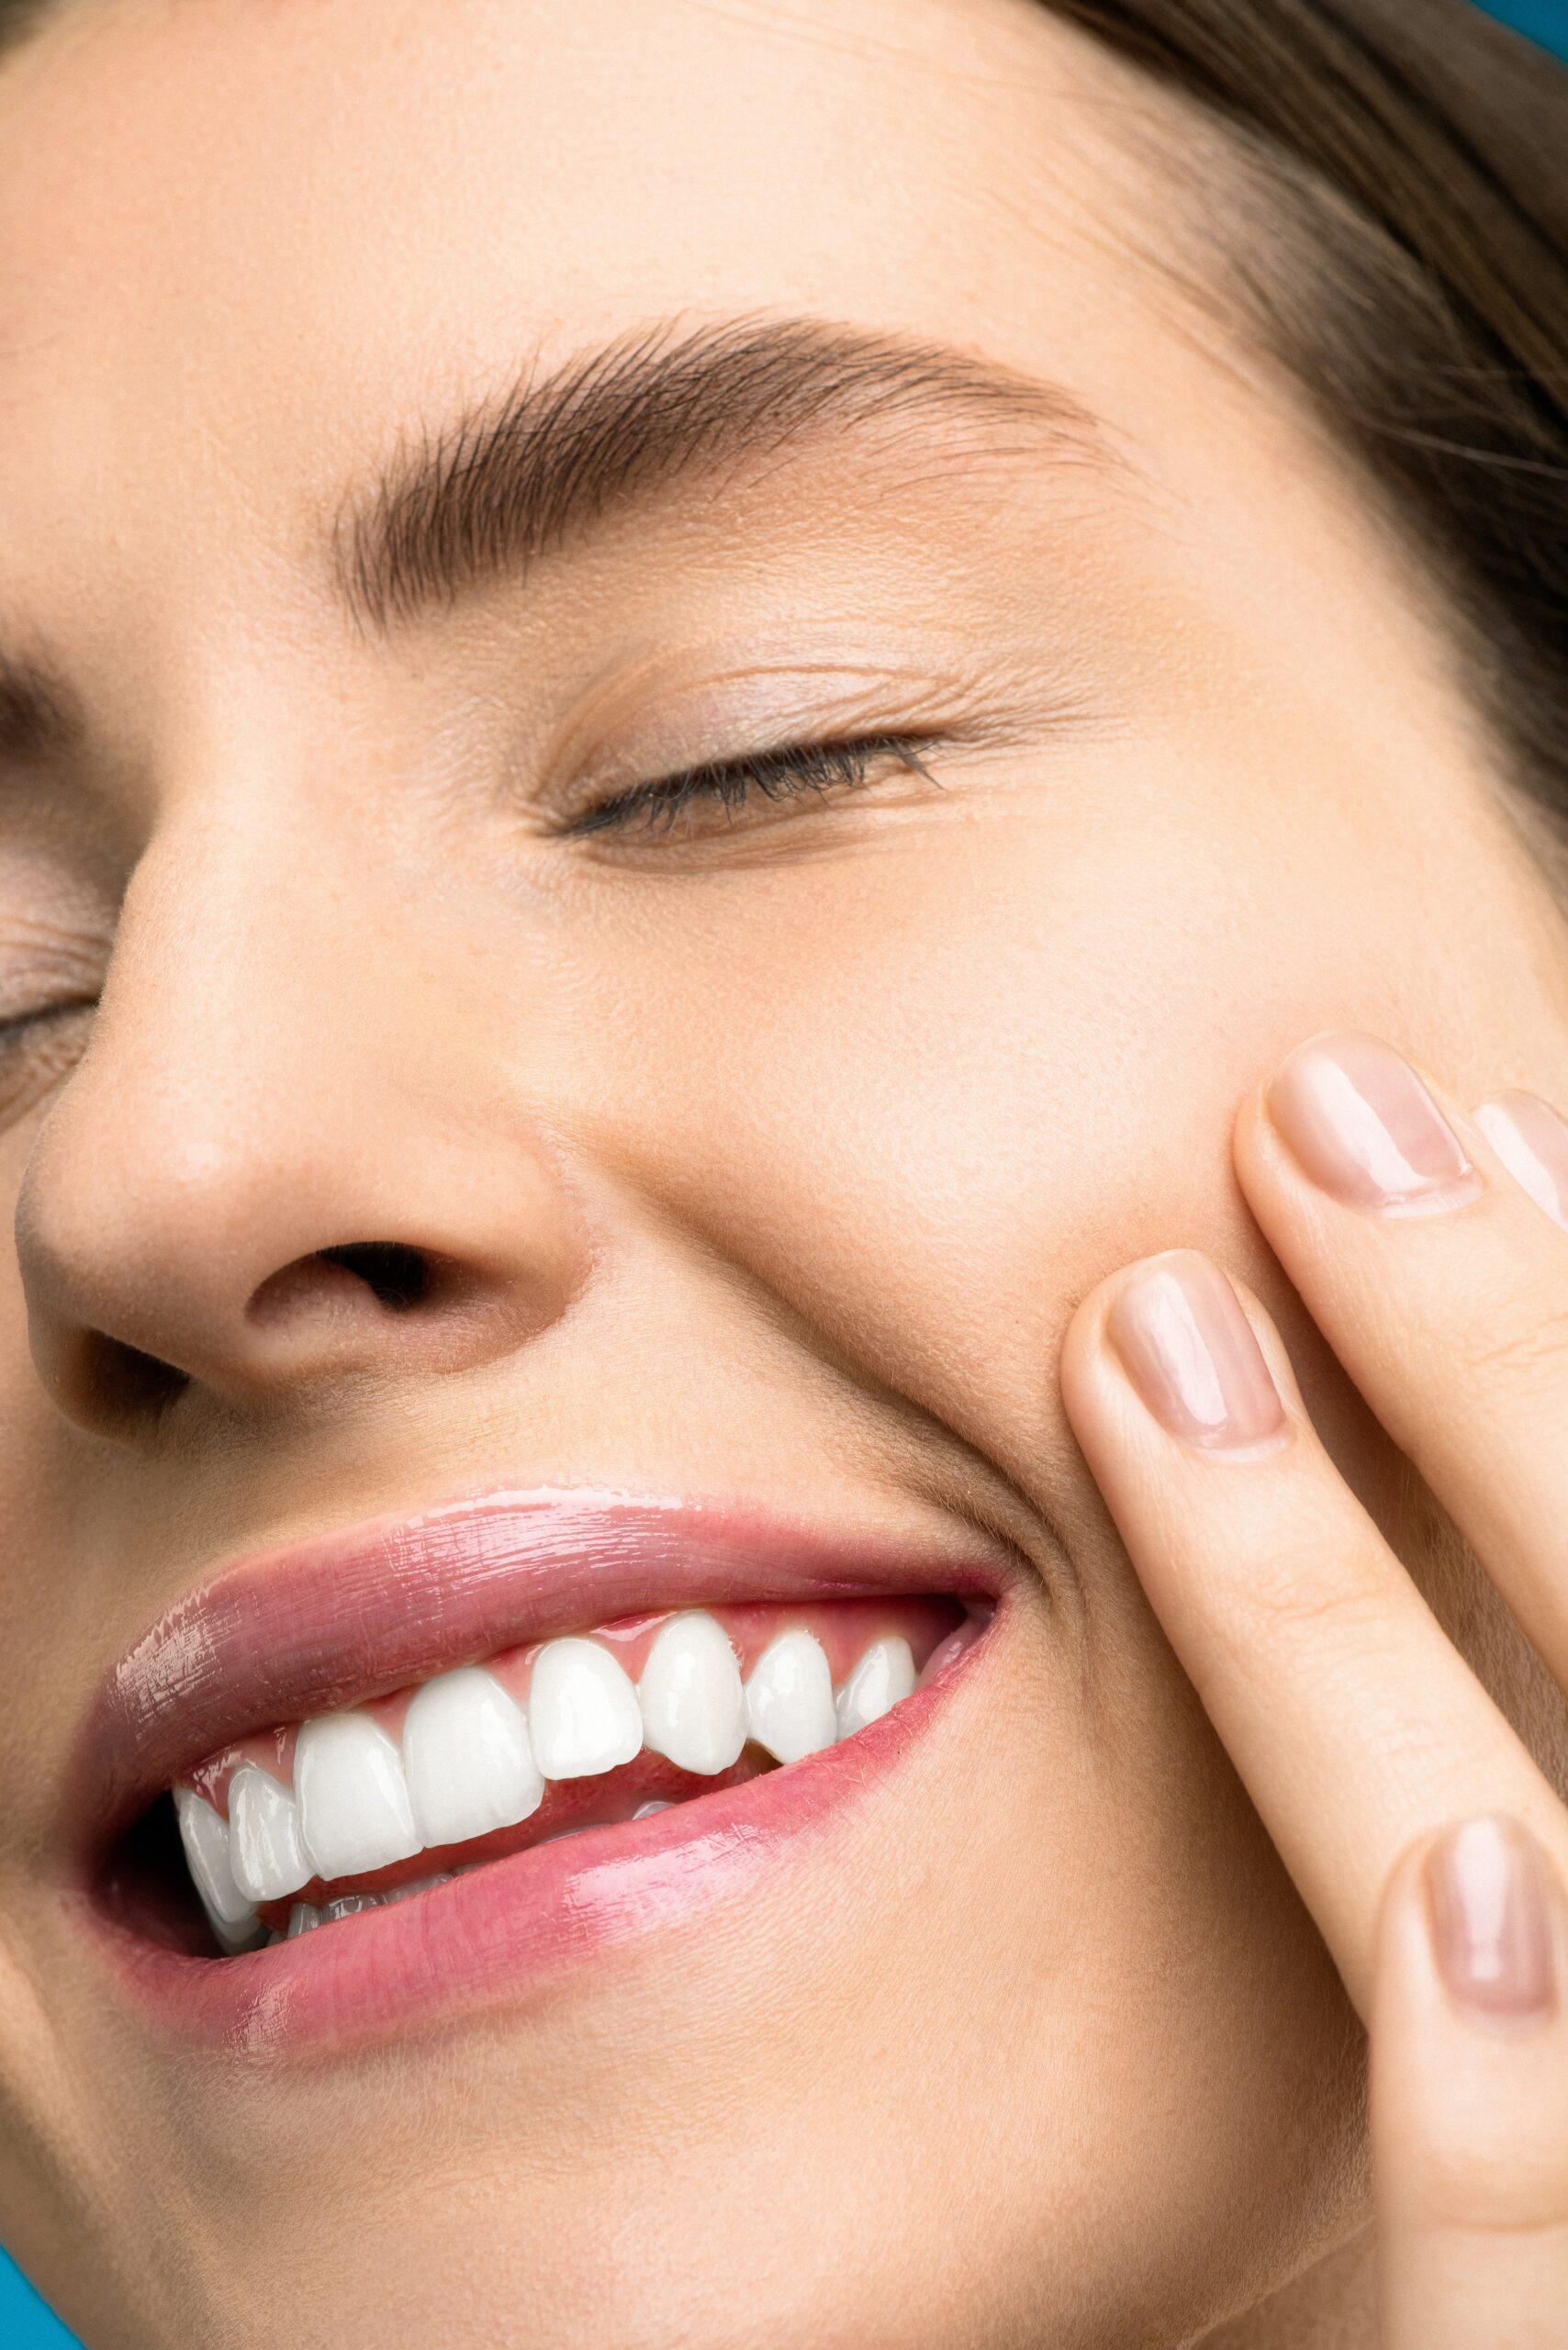 มาไขข้อข้องใจกัน!! ว่าจัดฟันเสร็จแล้วแถมหน้าเรียวจริงหรือออ? เรามาหาคำตอบกัน พร้อมแนะนำ #5 คลินิกจัดฟันมาแรงในประเทศไทย!!